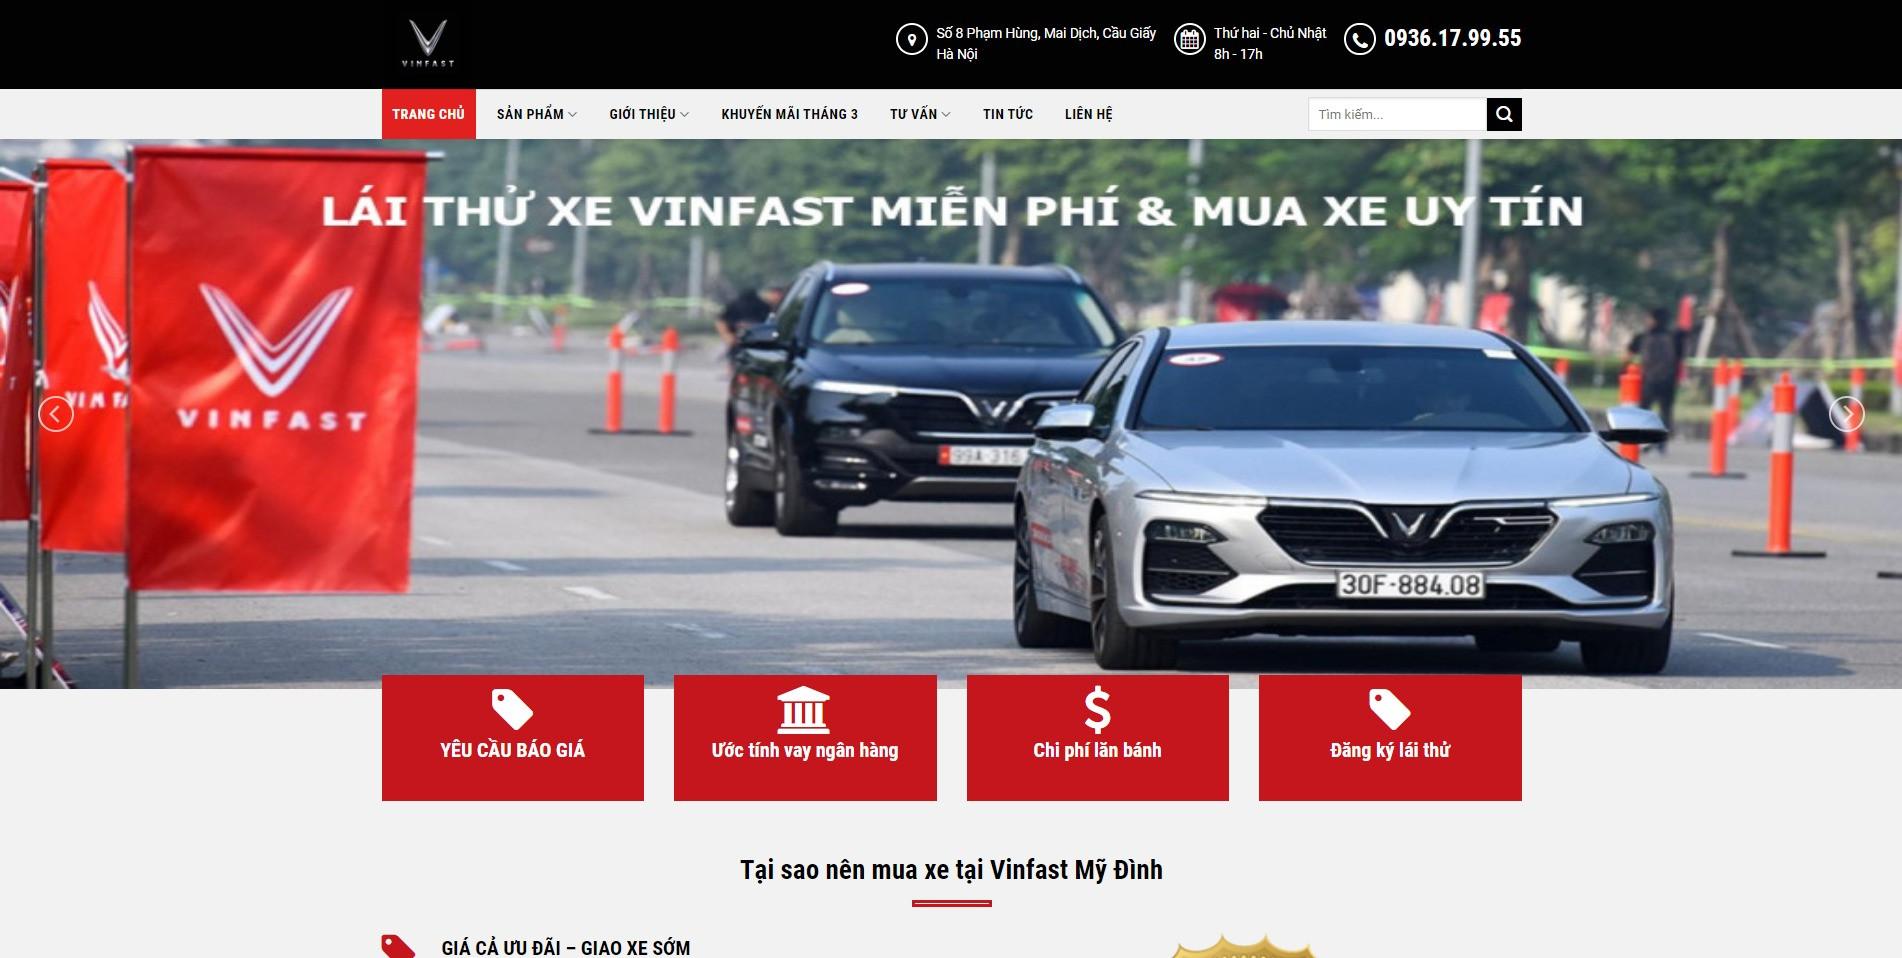 Trang chủ Website ô tô Vinfast